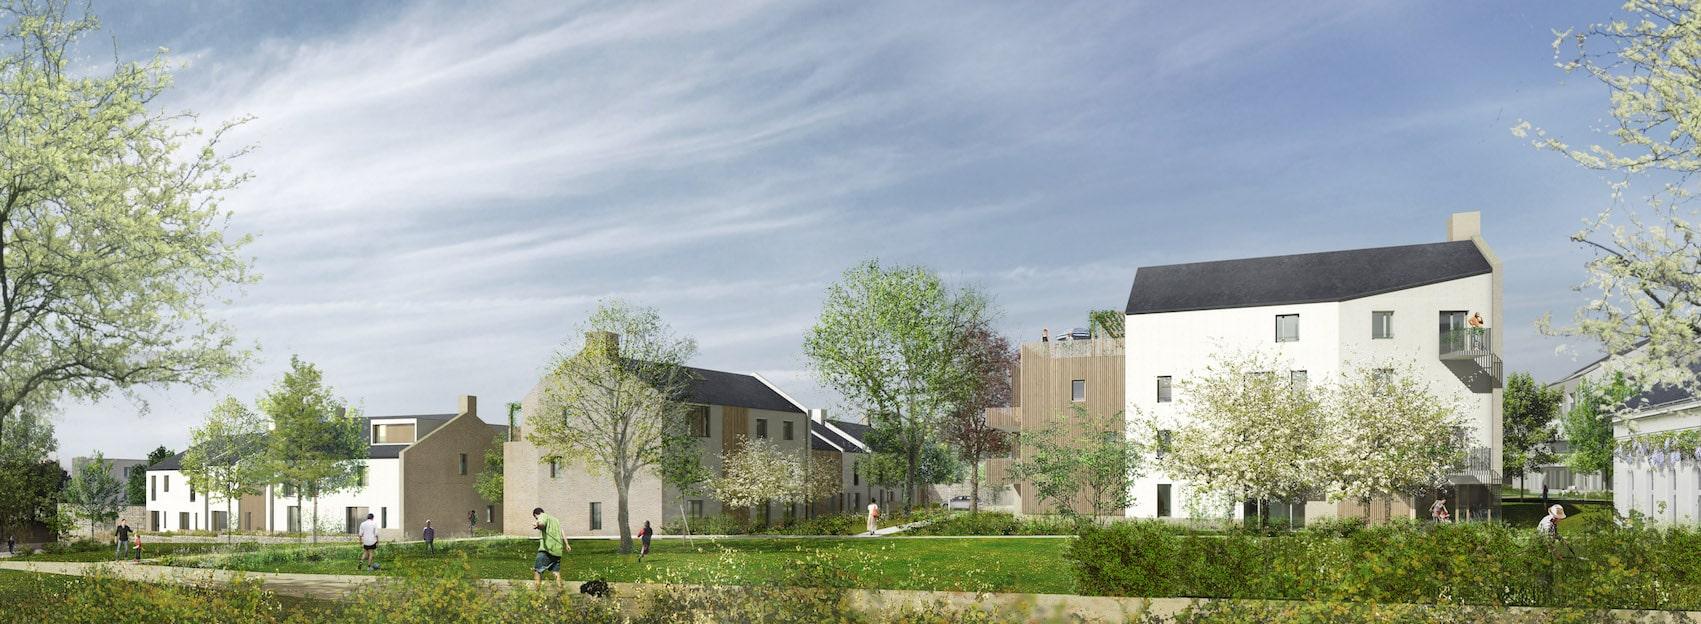 22.10 v30 - Logements - Ilot E - Les grands jardins de Calix – Caen